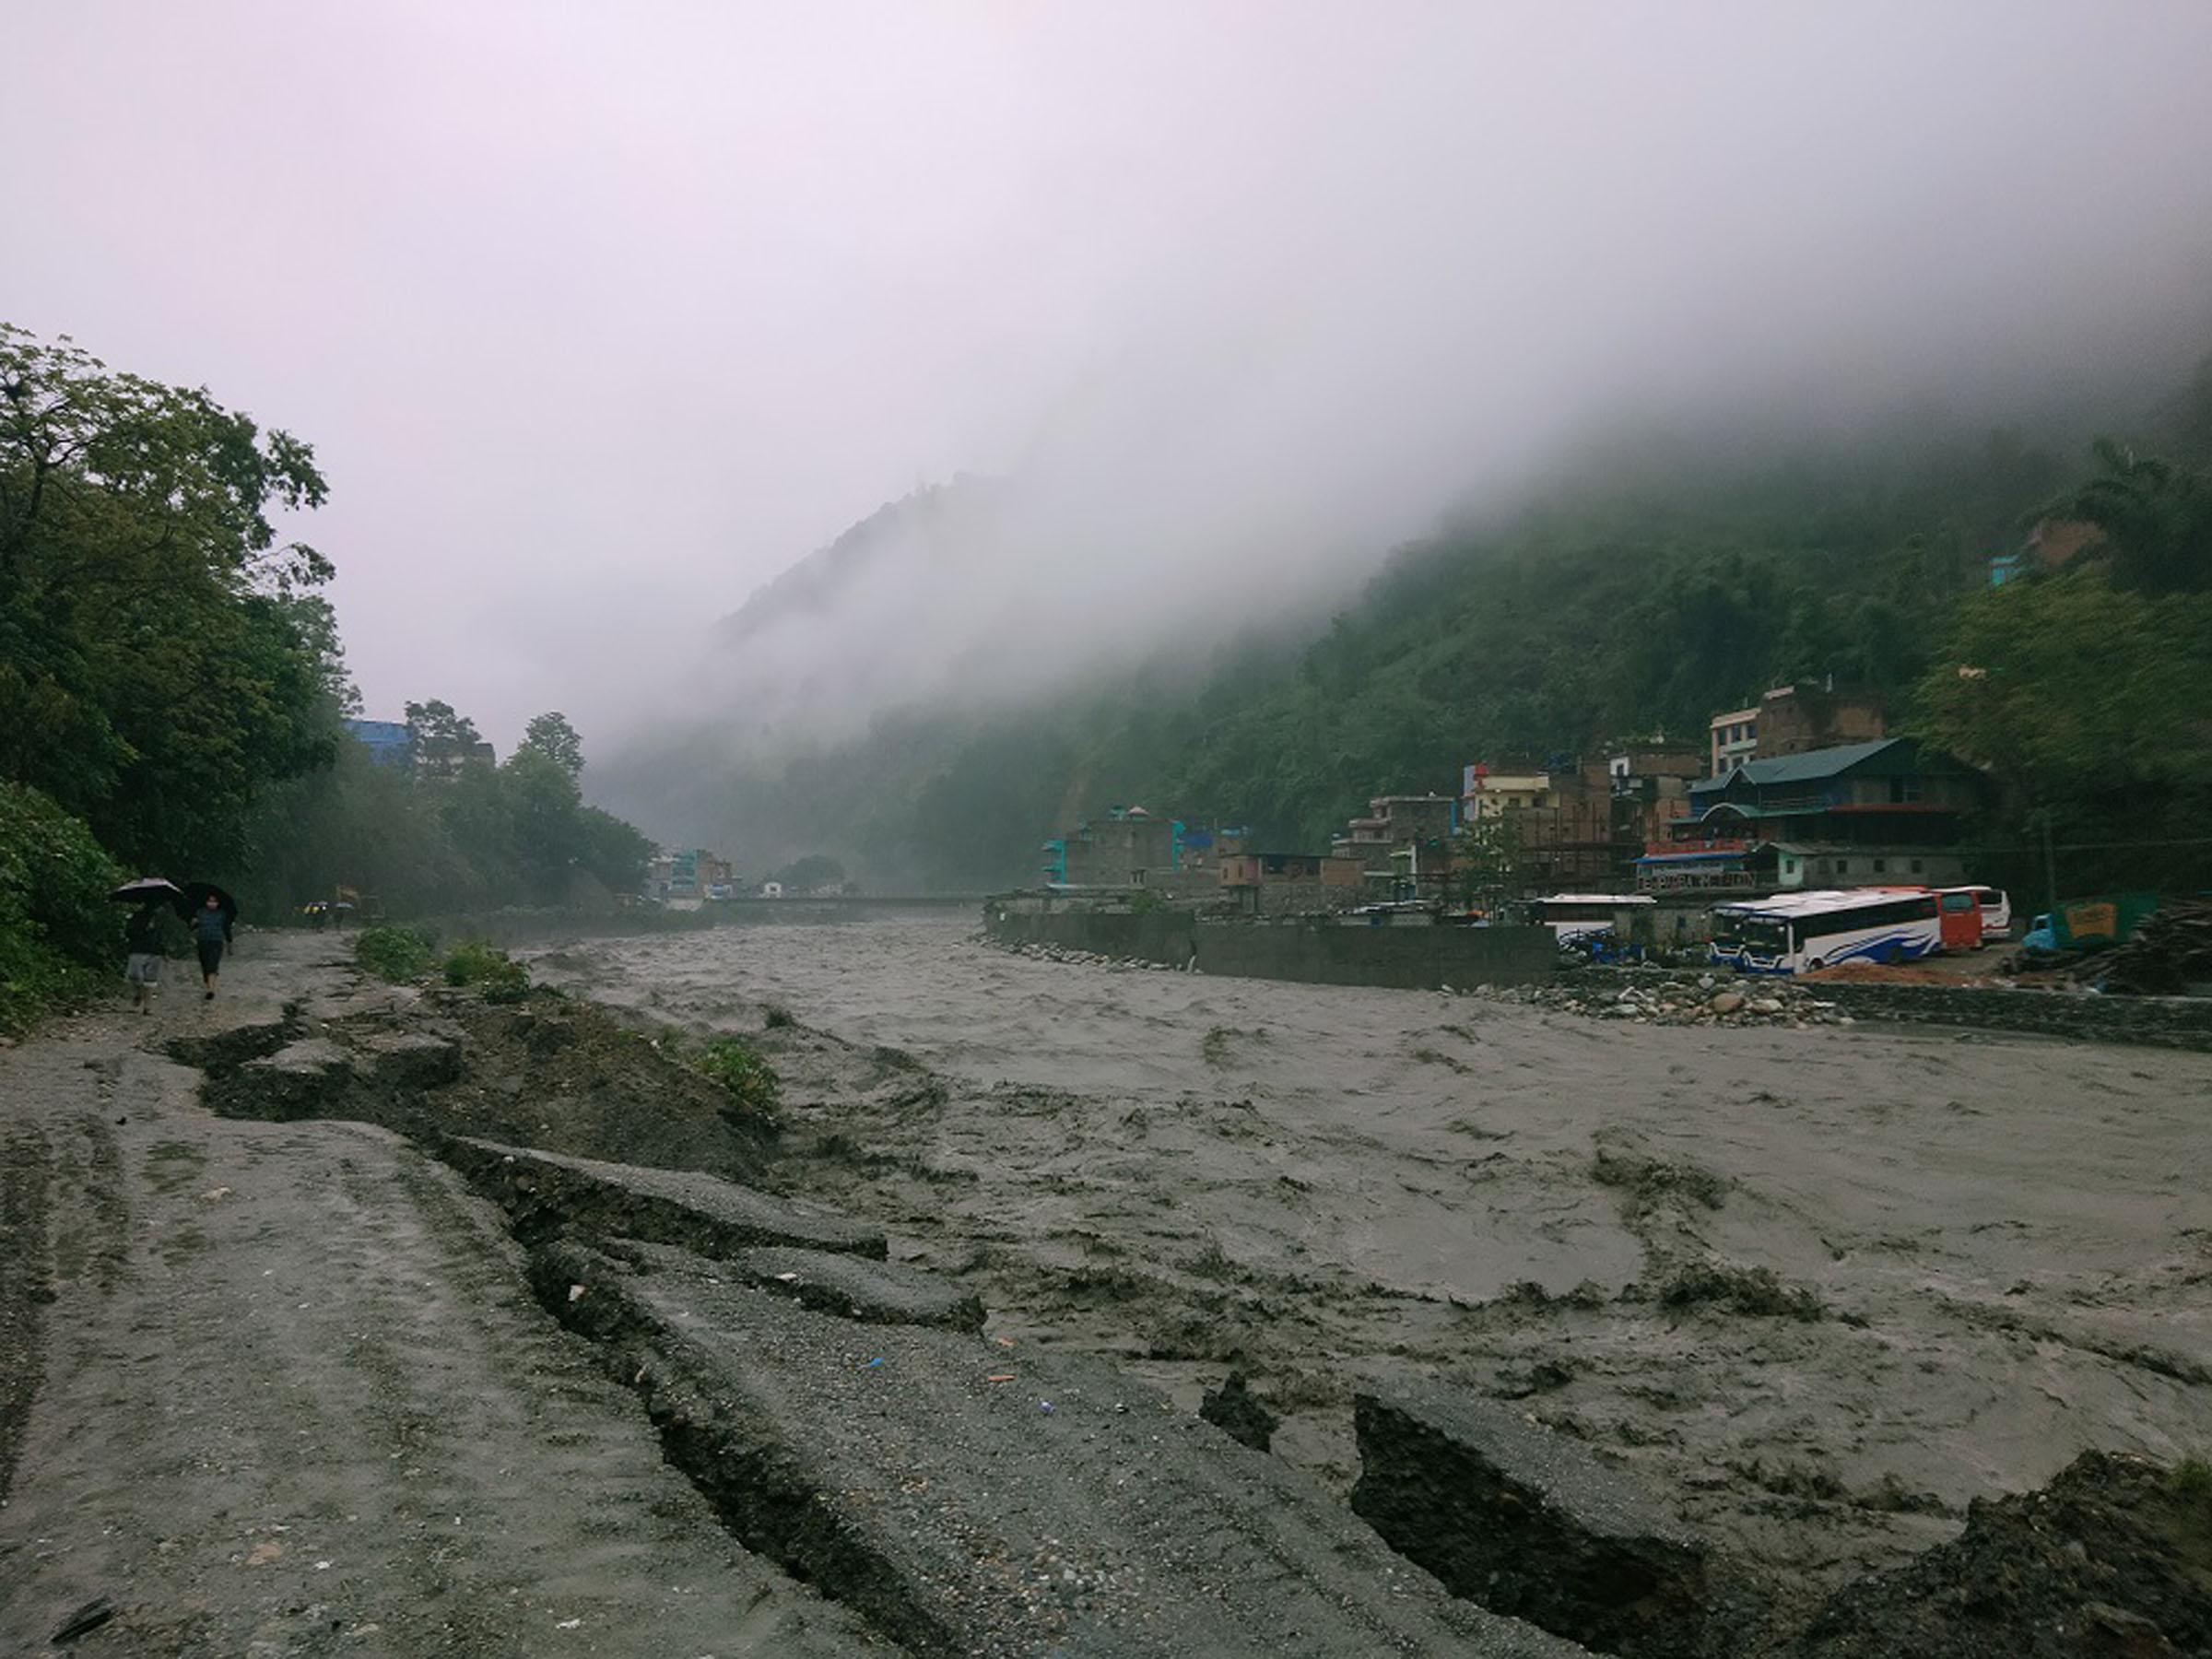 Landslides kill 48 in Nepal, Prime Minister orders immediate response